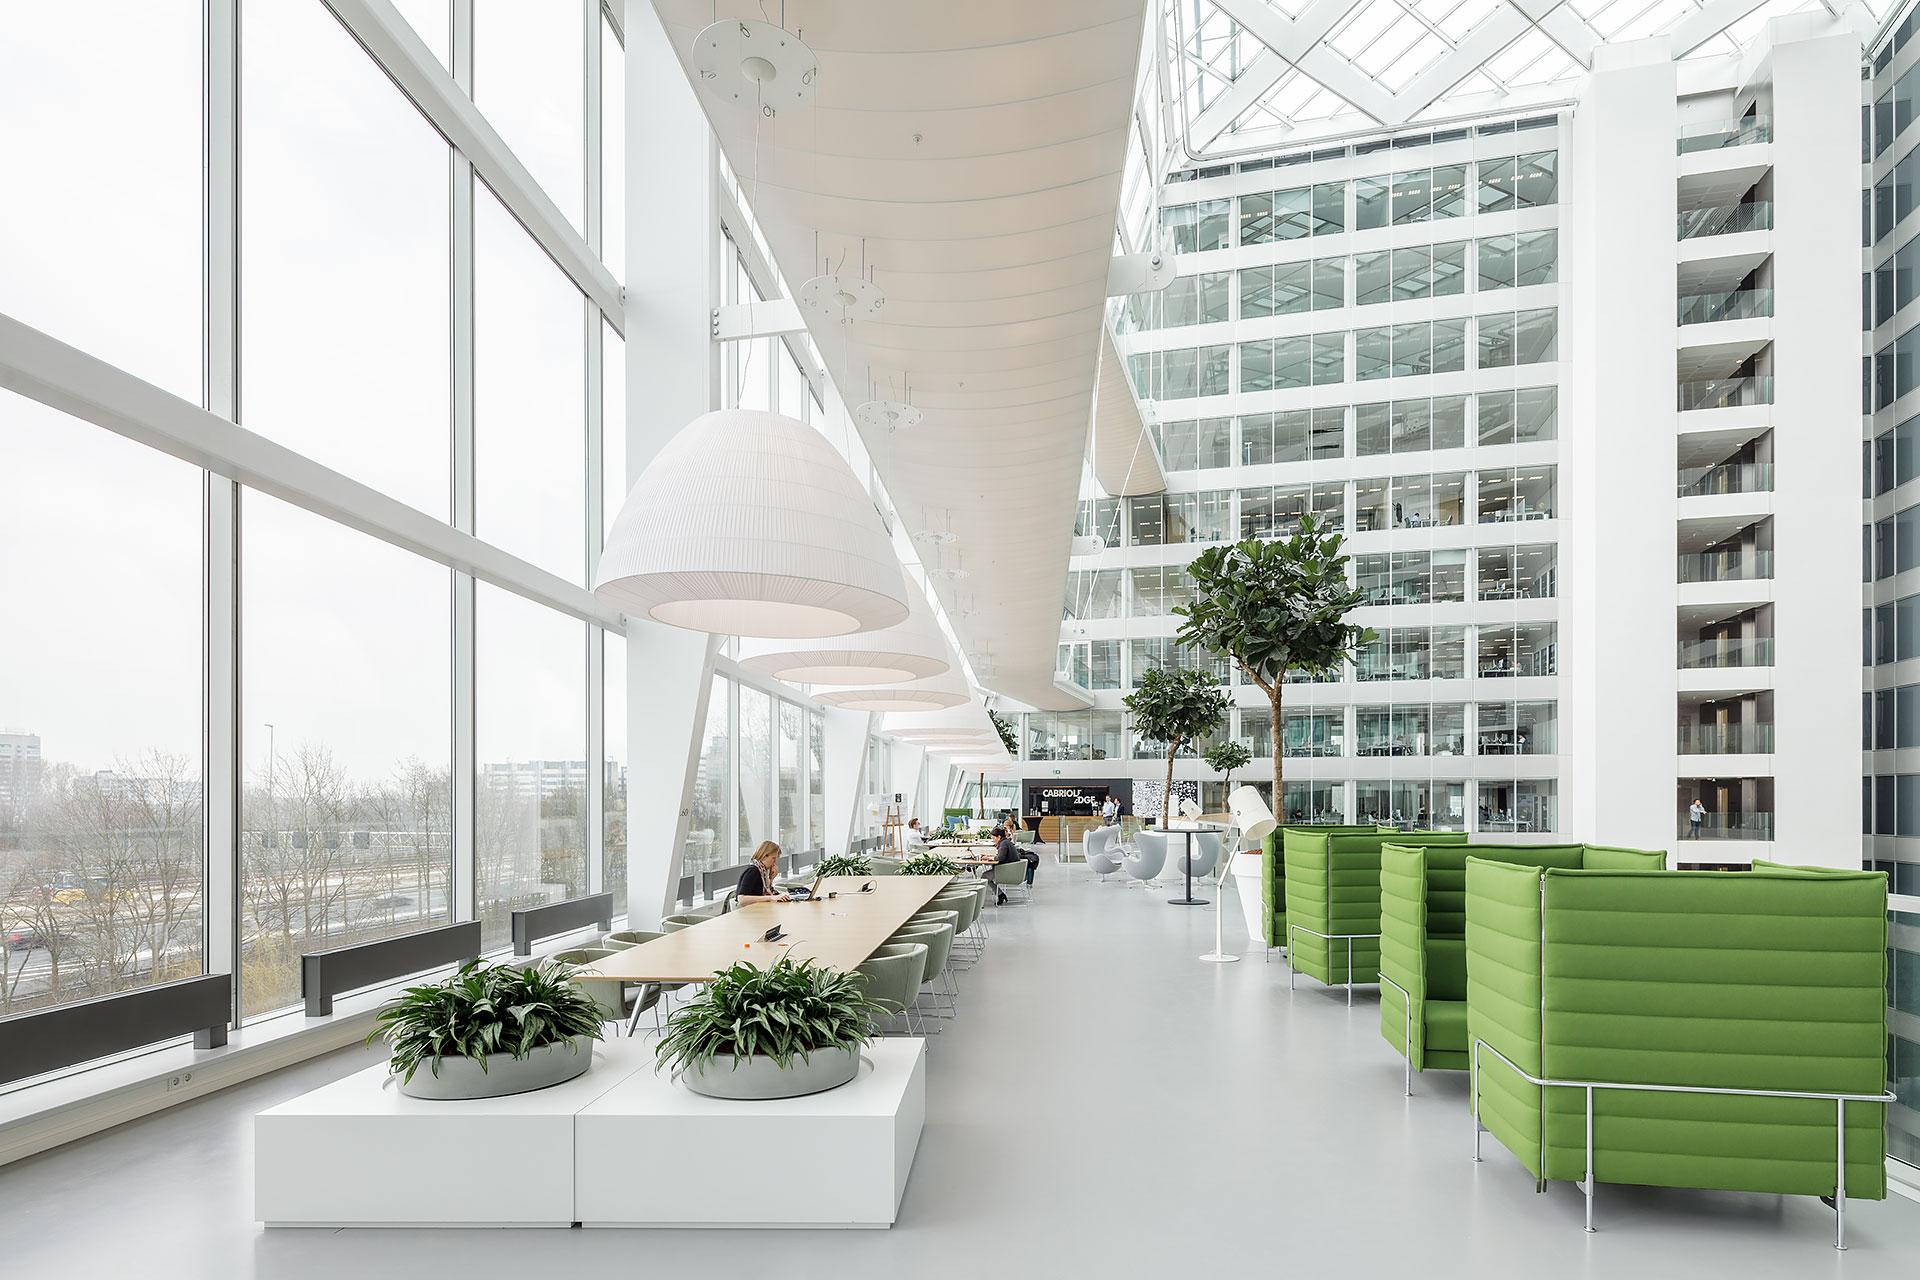 Architectuurfoto-The-Edge-Amsterdam-7